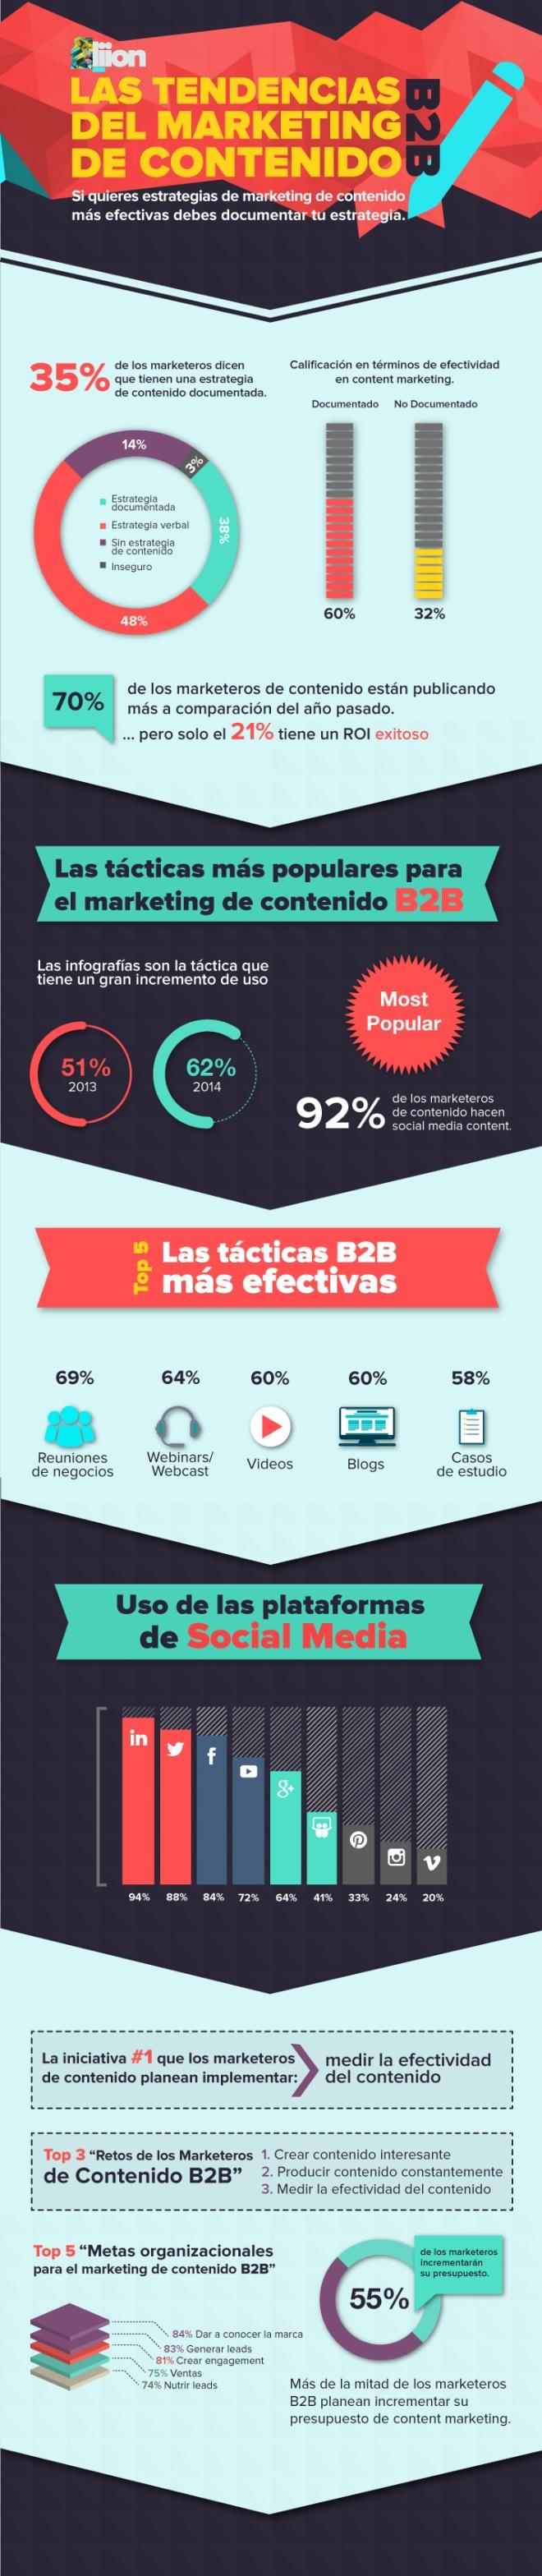 Tendencias de Marketing de Contenido B2B